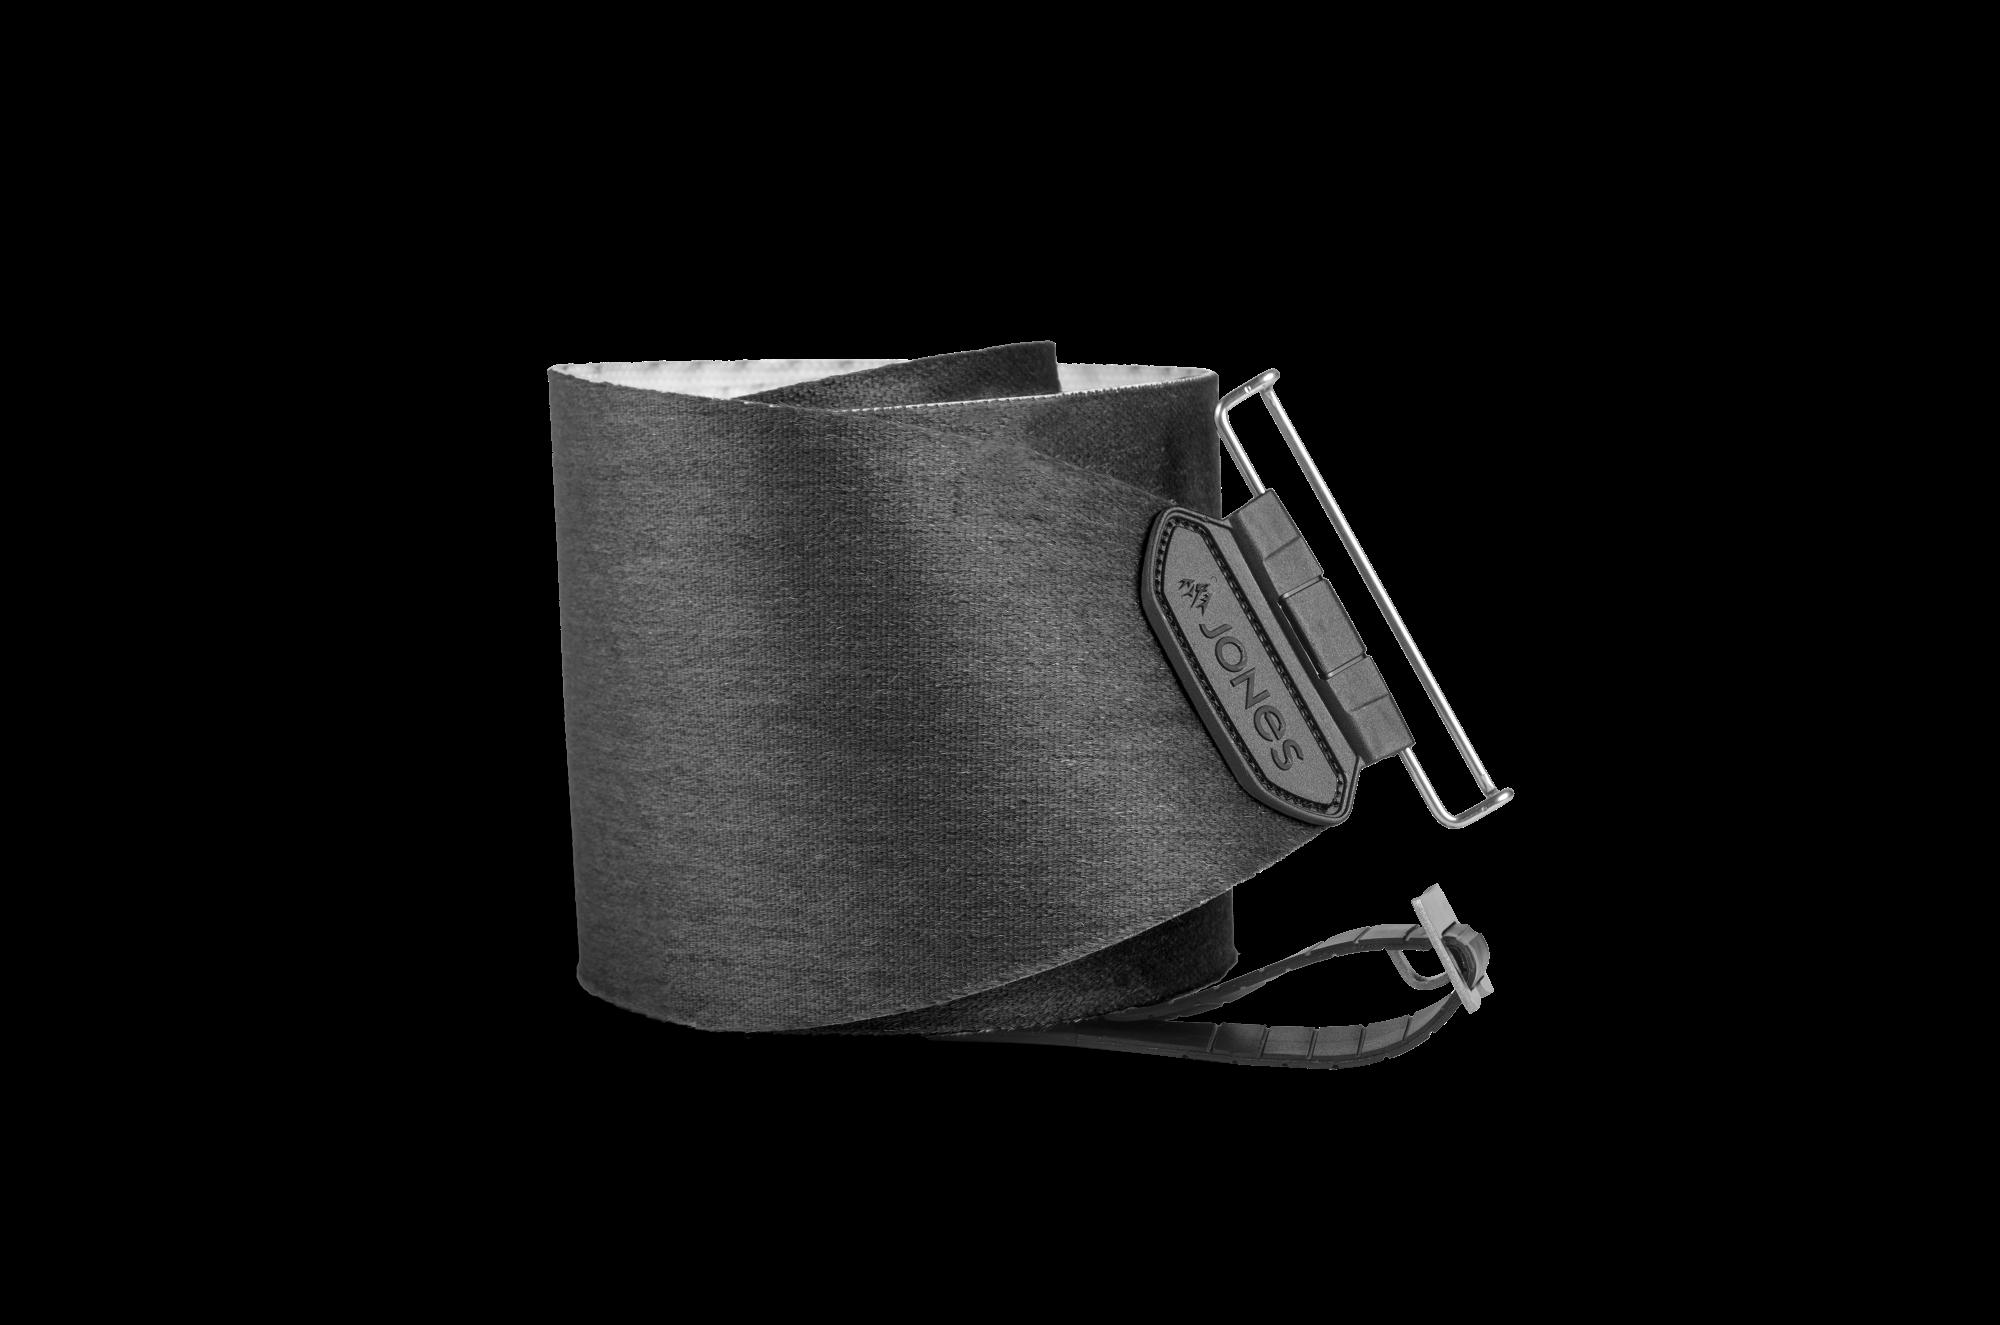 Купить Камус для сплитборда Jones 2017-18 NOM. PRO W/U.TC BLK 1 SIZE, Аксессуары, 1342274